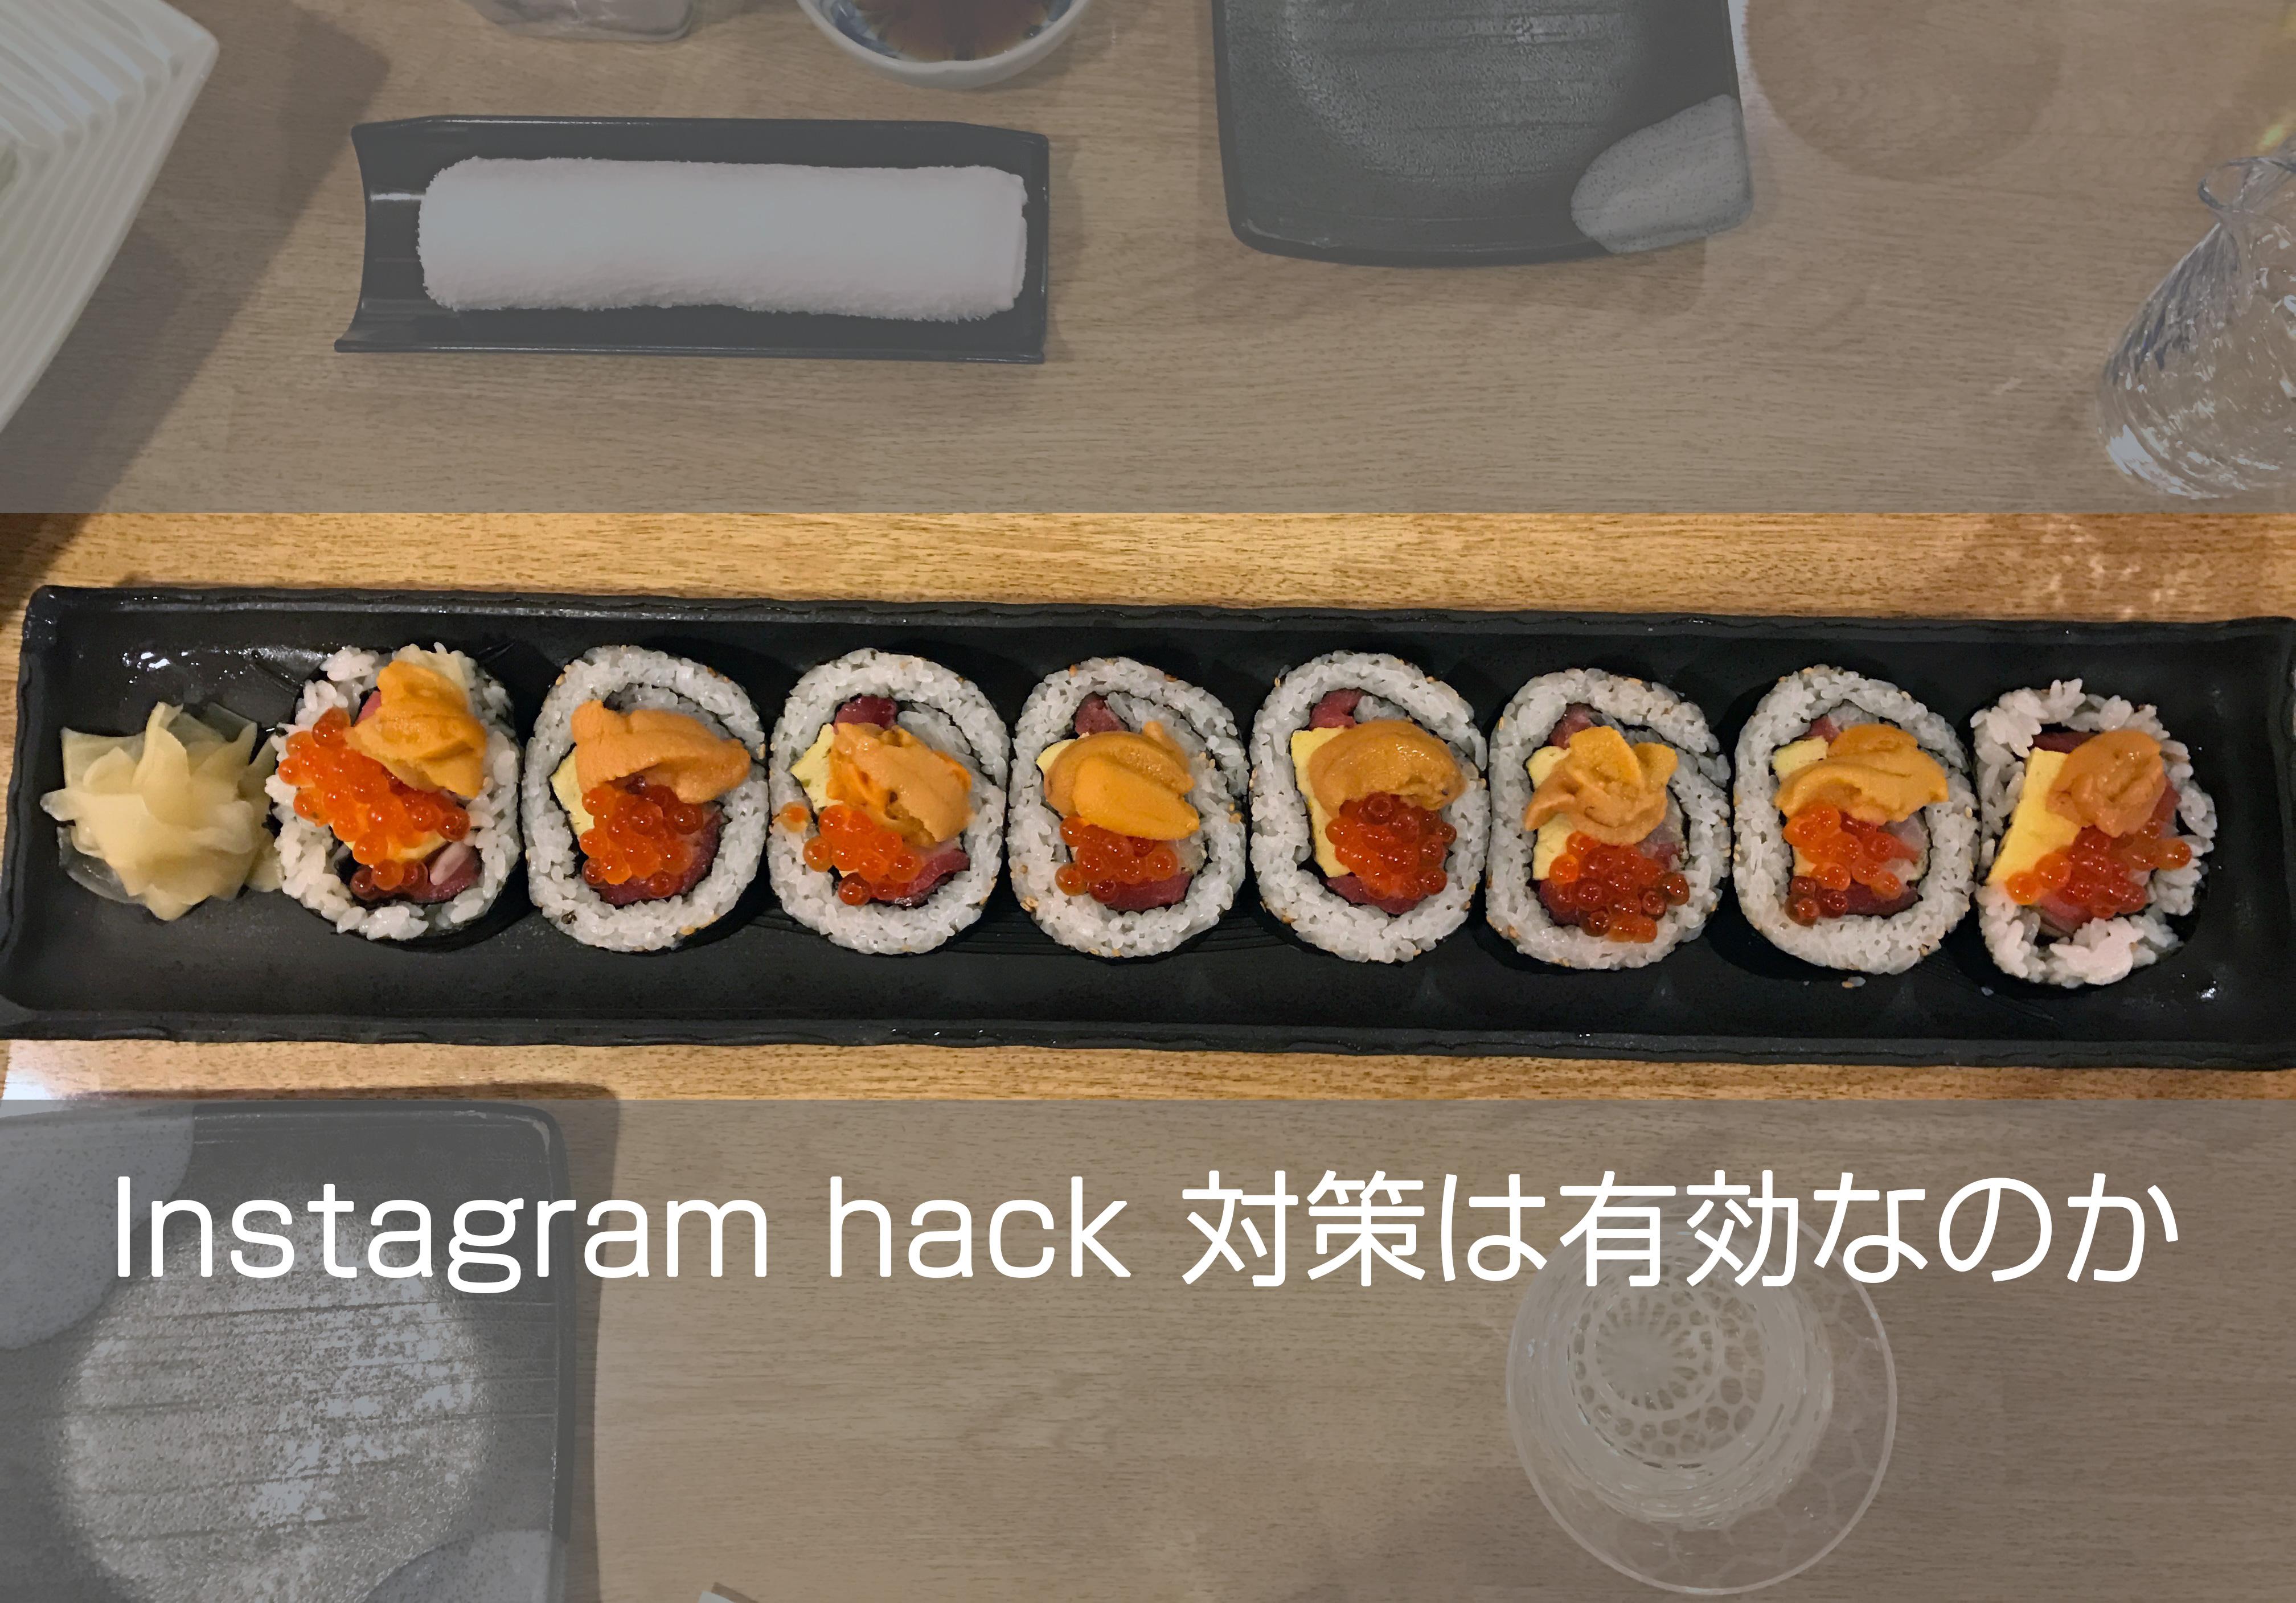 Instagram乗っ取り対策ちゃんとしていましたか?